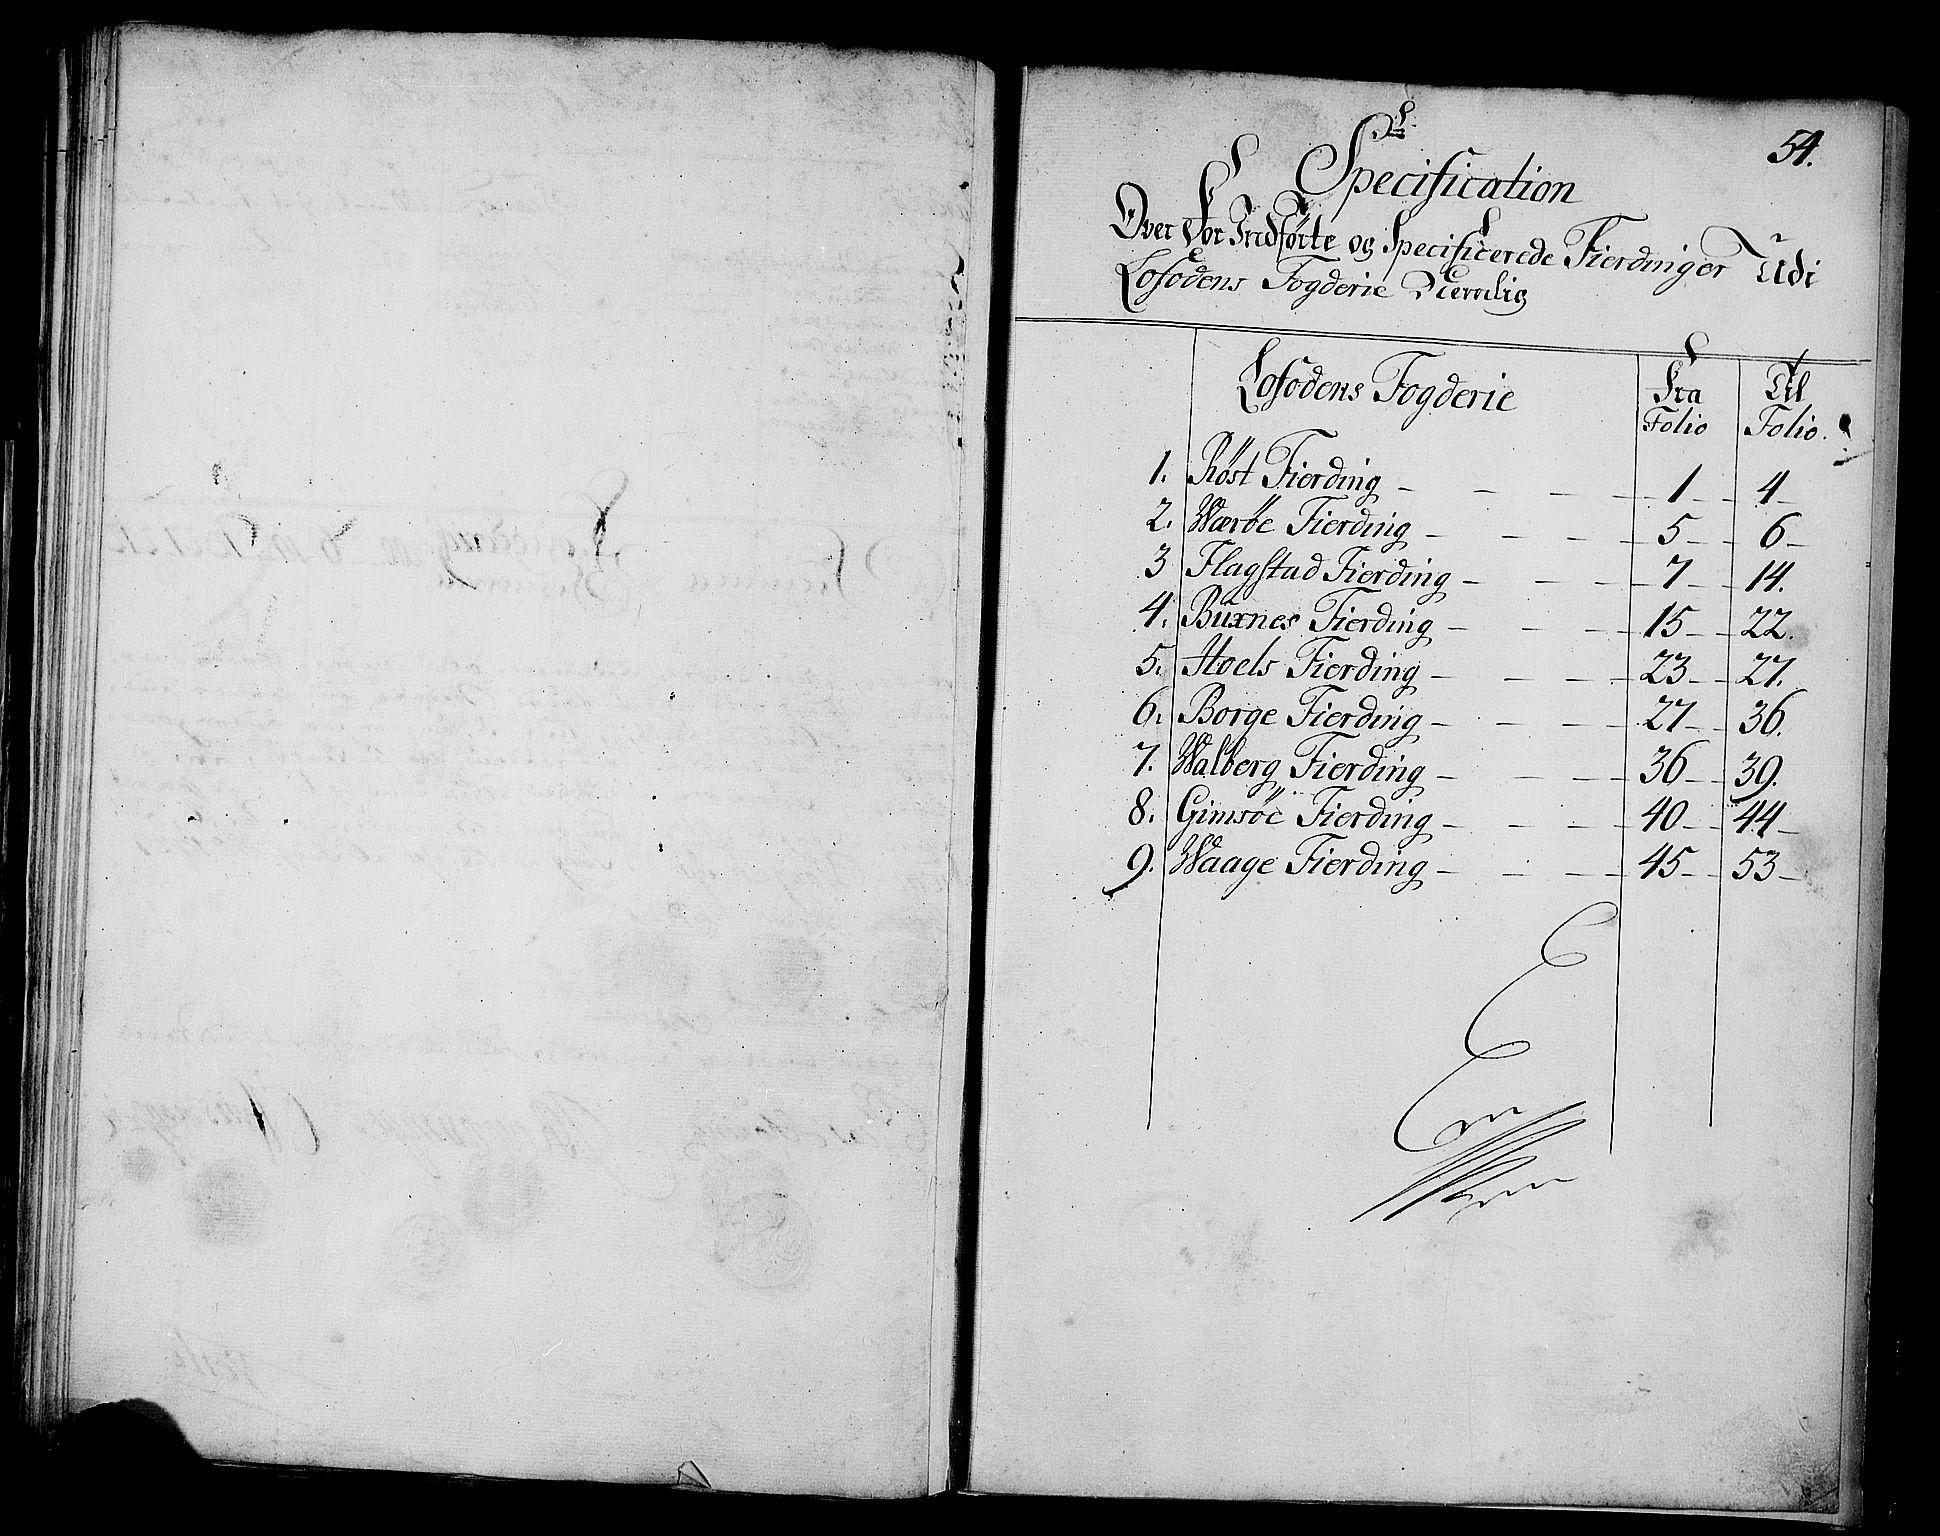 RA, Rentekammeret inntil 1814, Realistisk ordnet avdeling, N/Nb/Nbf/L0174: Lofoten eksaminasjonsprotokoll, 1723, s. 53b-54a